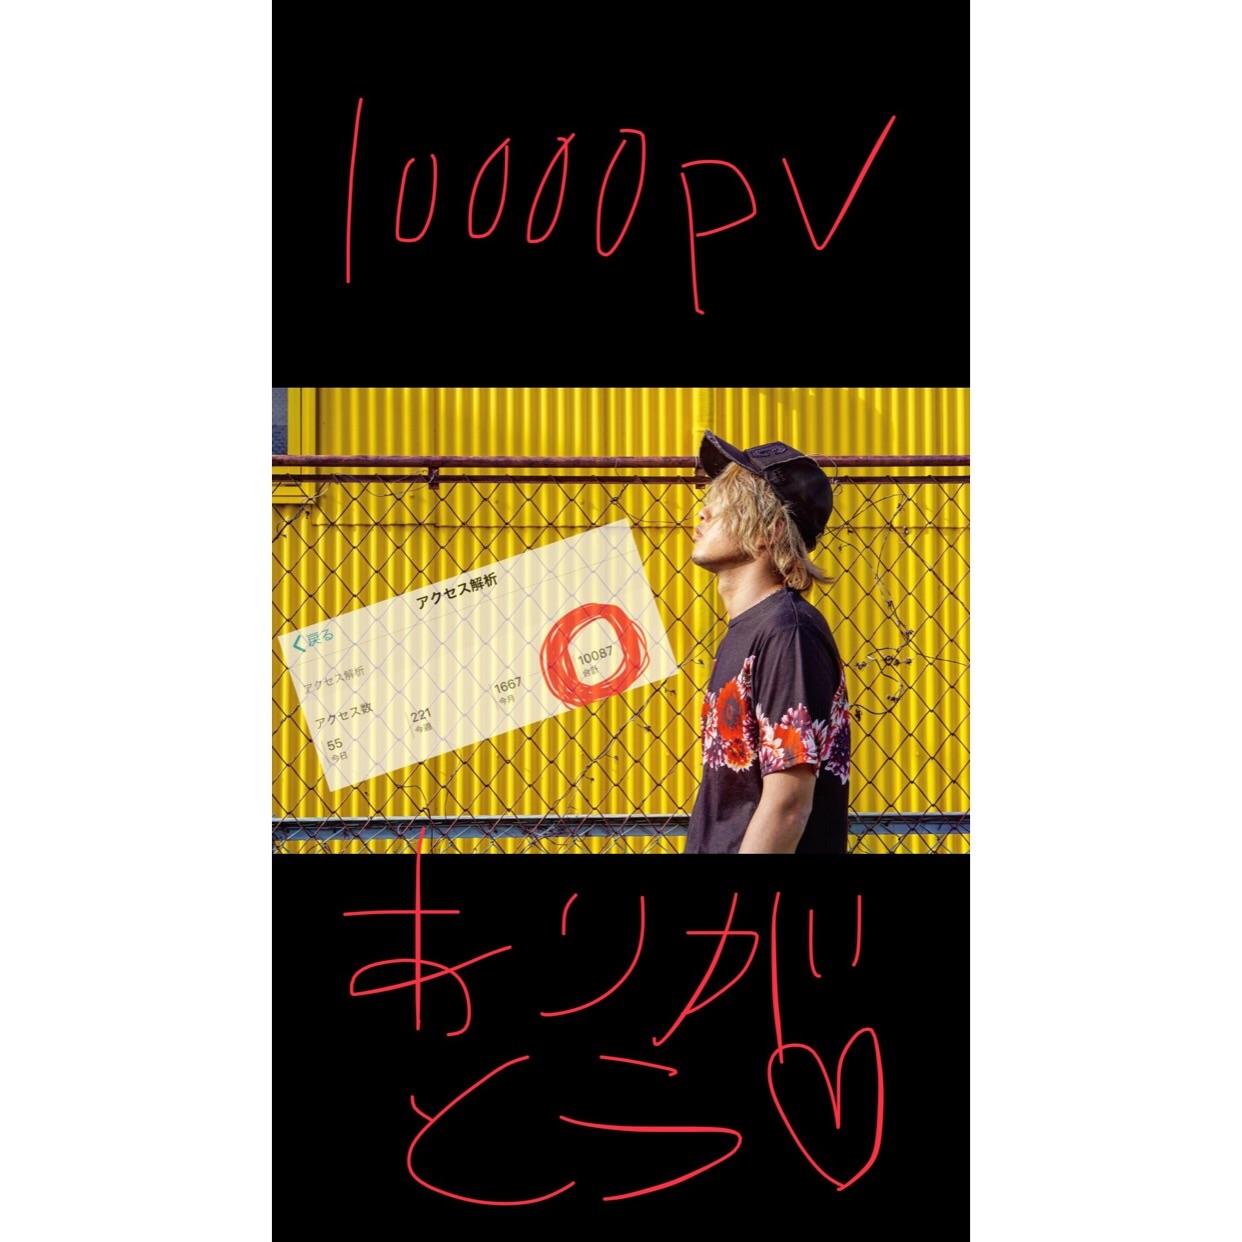 f:id:Yosuke0912:20180531203127j:image